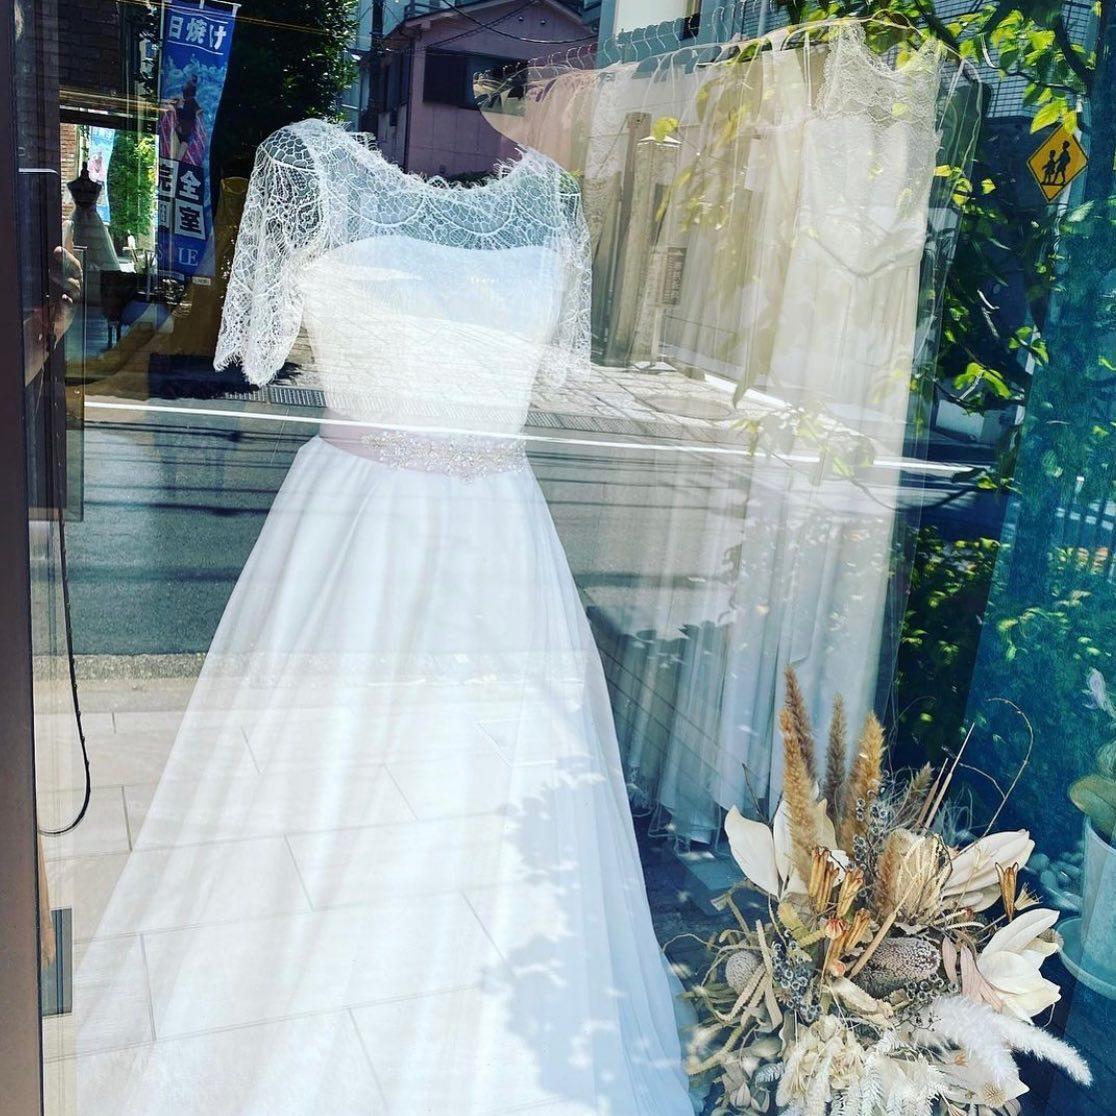 ・明日、明後日は定休日となっております🕊・ご予約やお問い合わせをいただく場合はinfoメール又はDMにてお願い致します・clarasは一組様貸切でご案内しておりますので、安心してご来店下さいませ・今週も沢山のお問い合わせをお待ちしております🤍・#wedding #weddingdress #claras #ウェディングドレス #プレ花嫁 #ドレス試着#ドレス迷子#2021冬婚 #ヘアメイク #ドレス選び #前撮り #後撮り #フォトウェディング #ウェディングヘア  #フォト婚 #ブライダルフォト #カップルフォト #ウェディングドレス探し #ウェディングドレス試着 #ドレスショップ #家族婚 #バウリニューアル #記念日婚 #モニター募集 #ドレス迷子 #限定 #プレ花嫁 #ボヘミアンウェディング #ニューノーマル #クララス